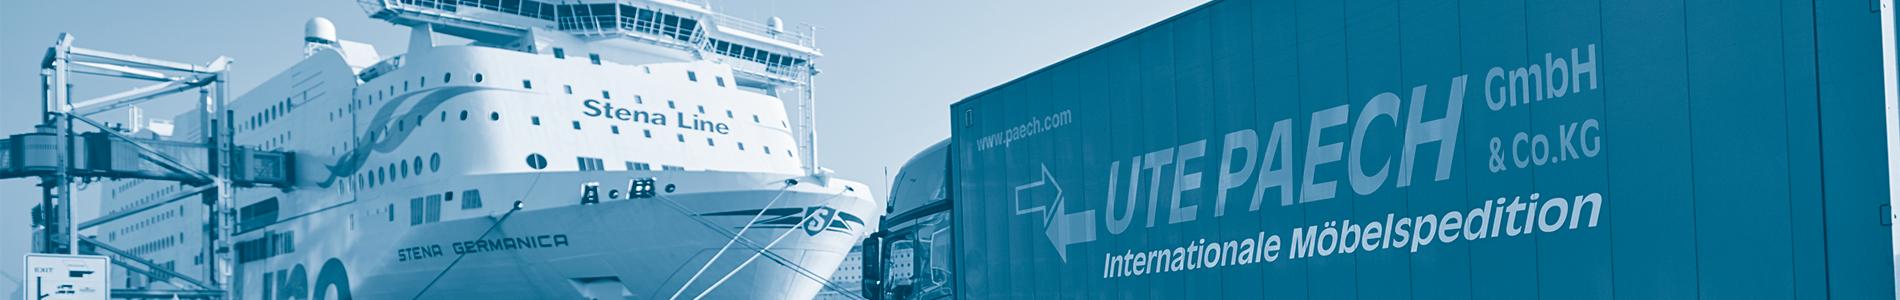 Ute Paech GmbH & Co. KG - Umzug nach Schweden - Stockholm, Malmö, Göteborg und mehr!